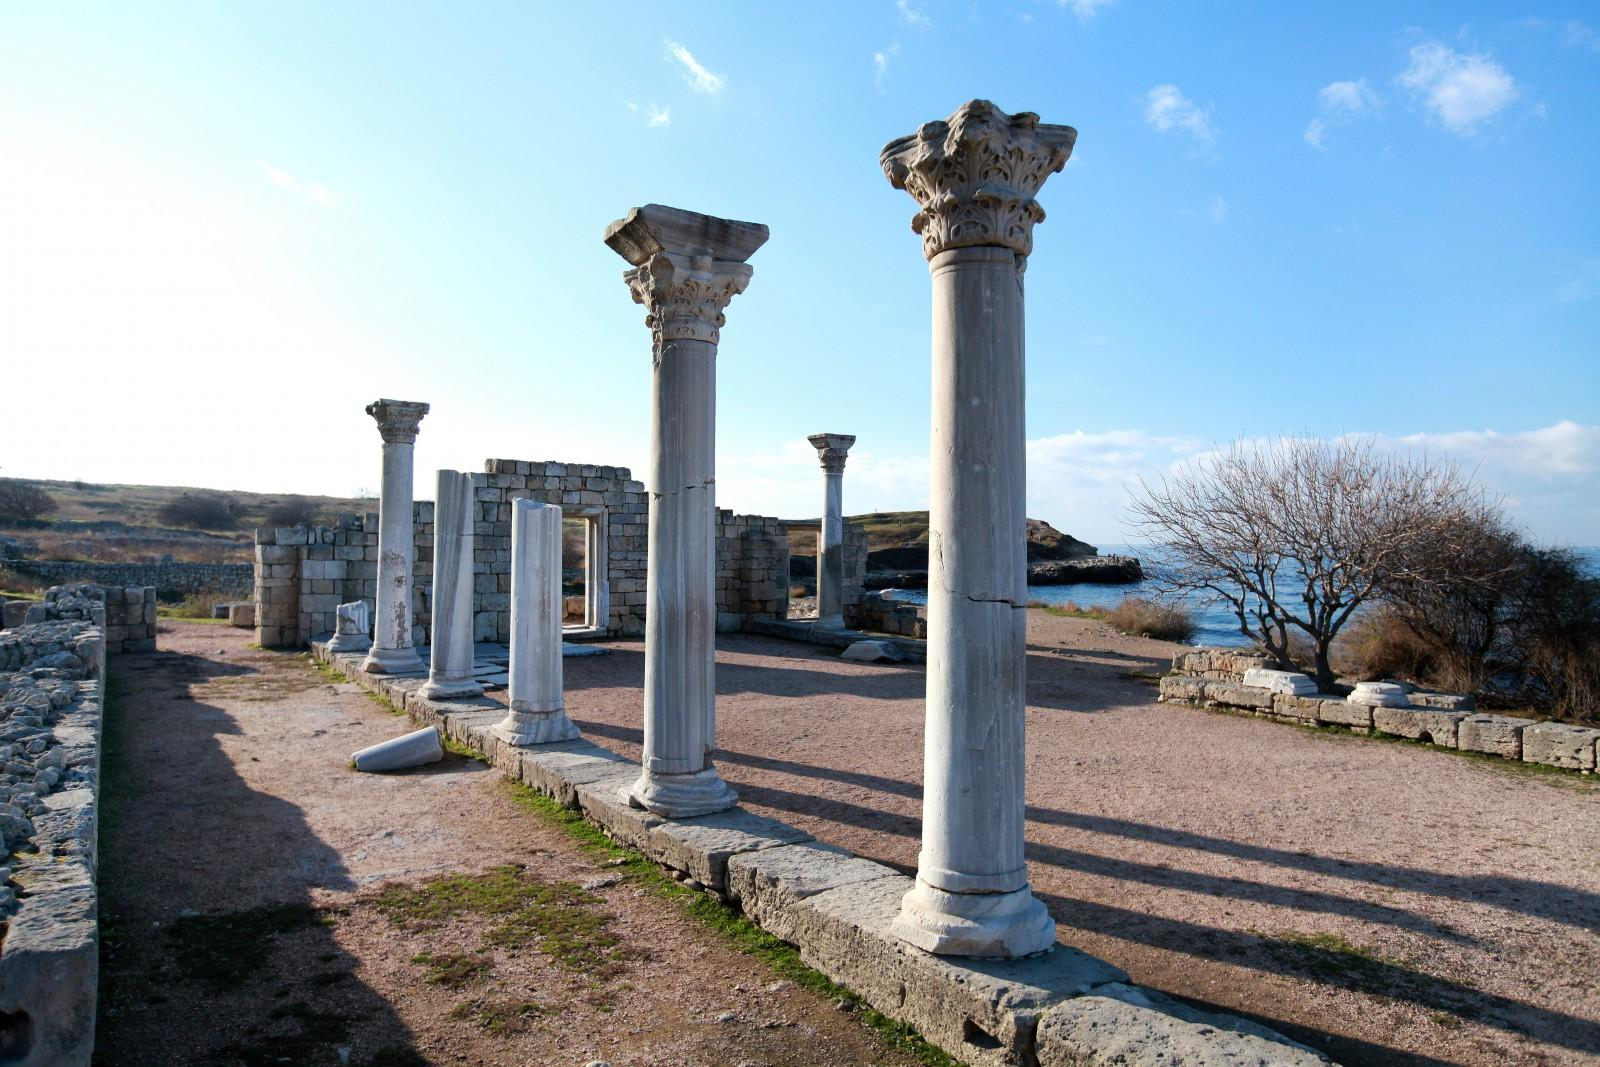 Город Херсонес был основан греками в 422 году до нашей эры. Через 300 лет город-государство растерял былое величие и независимость, но сохранил историческую застройку, остатки которой дошли до наших дней.